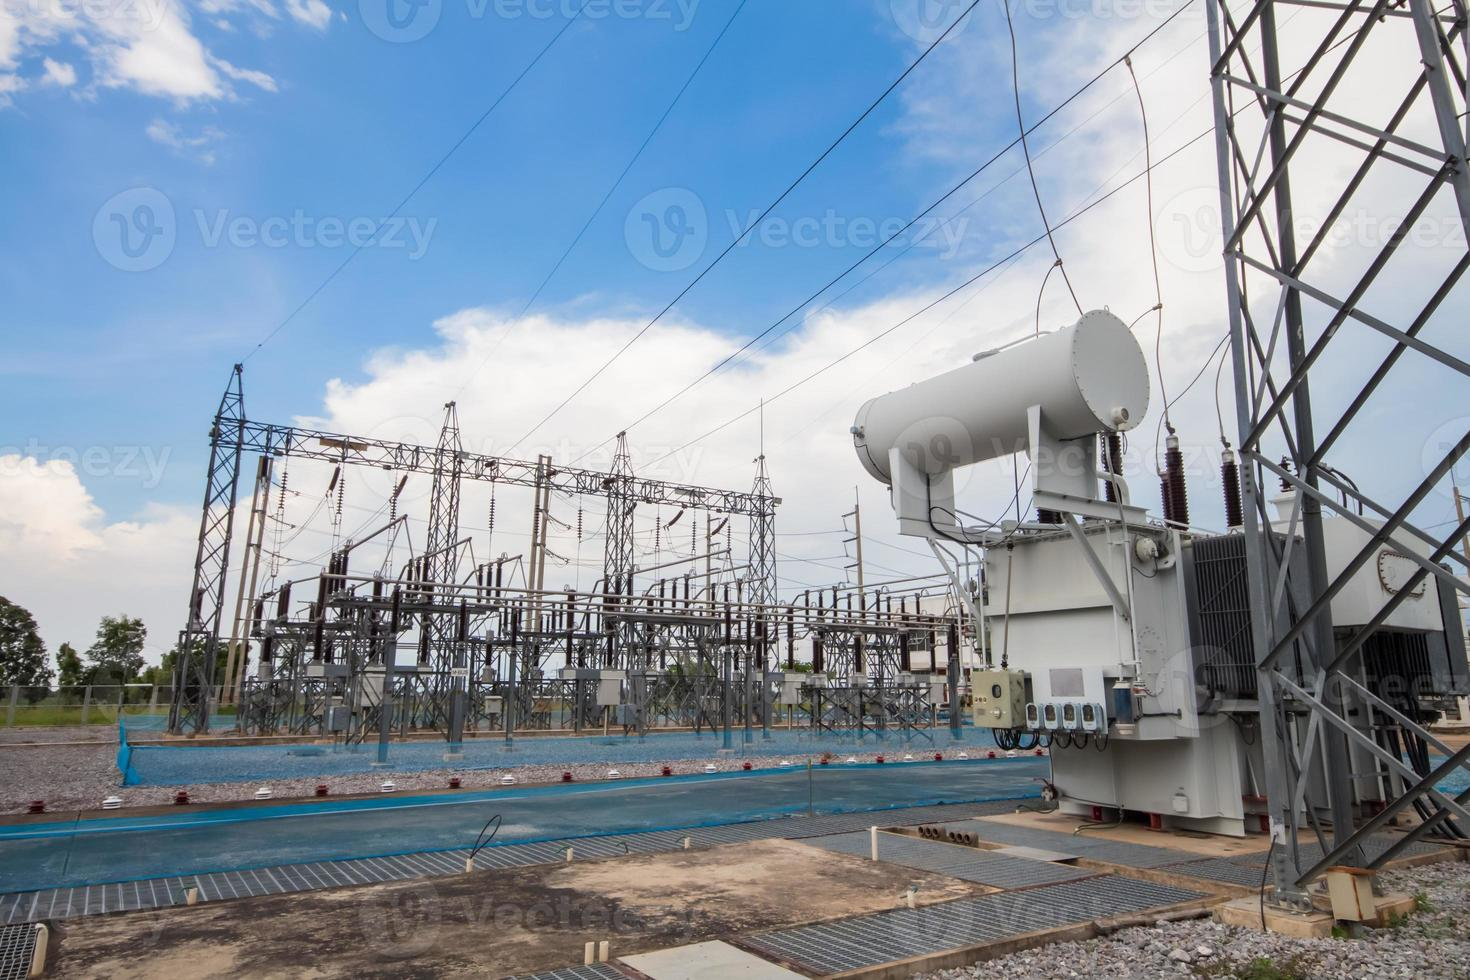 transformador de potencia en subestación 115 kv / 22 kv foto